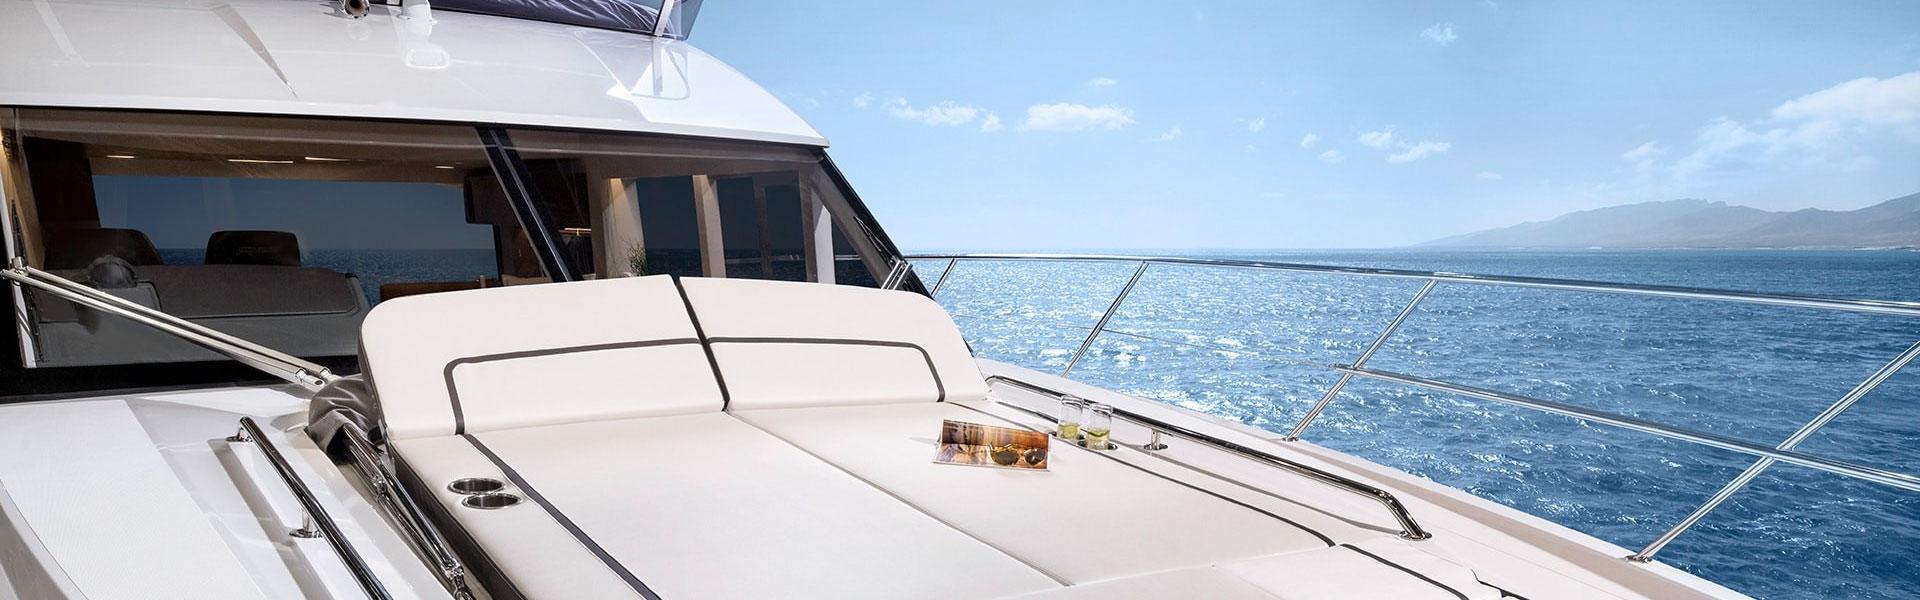 Bavaria Yachts R55 Sunbed